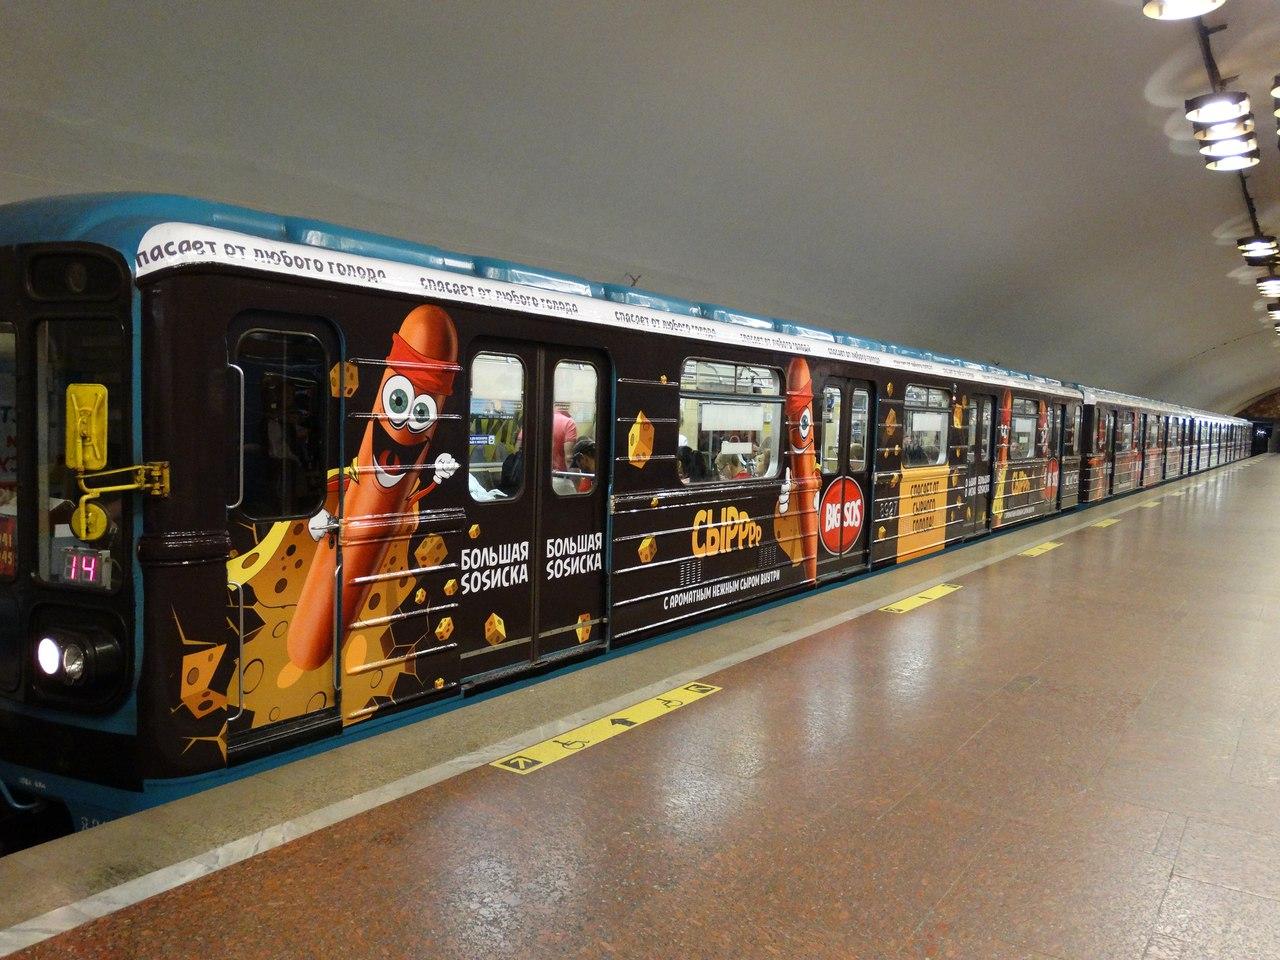 ГК «Реклама Онлайн» обладает эксклюзивными правами на рекламу в новосибирском метро